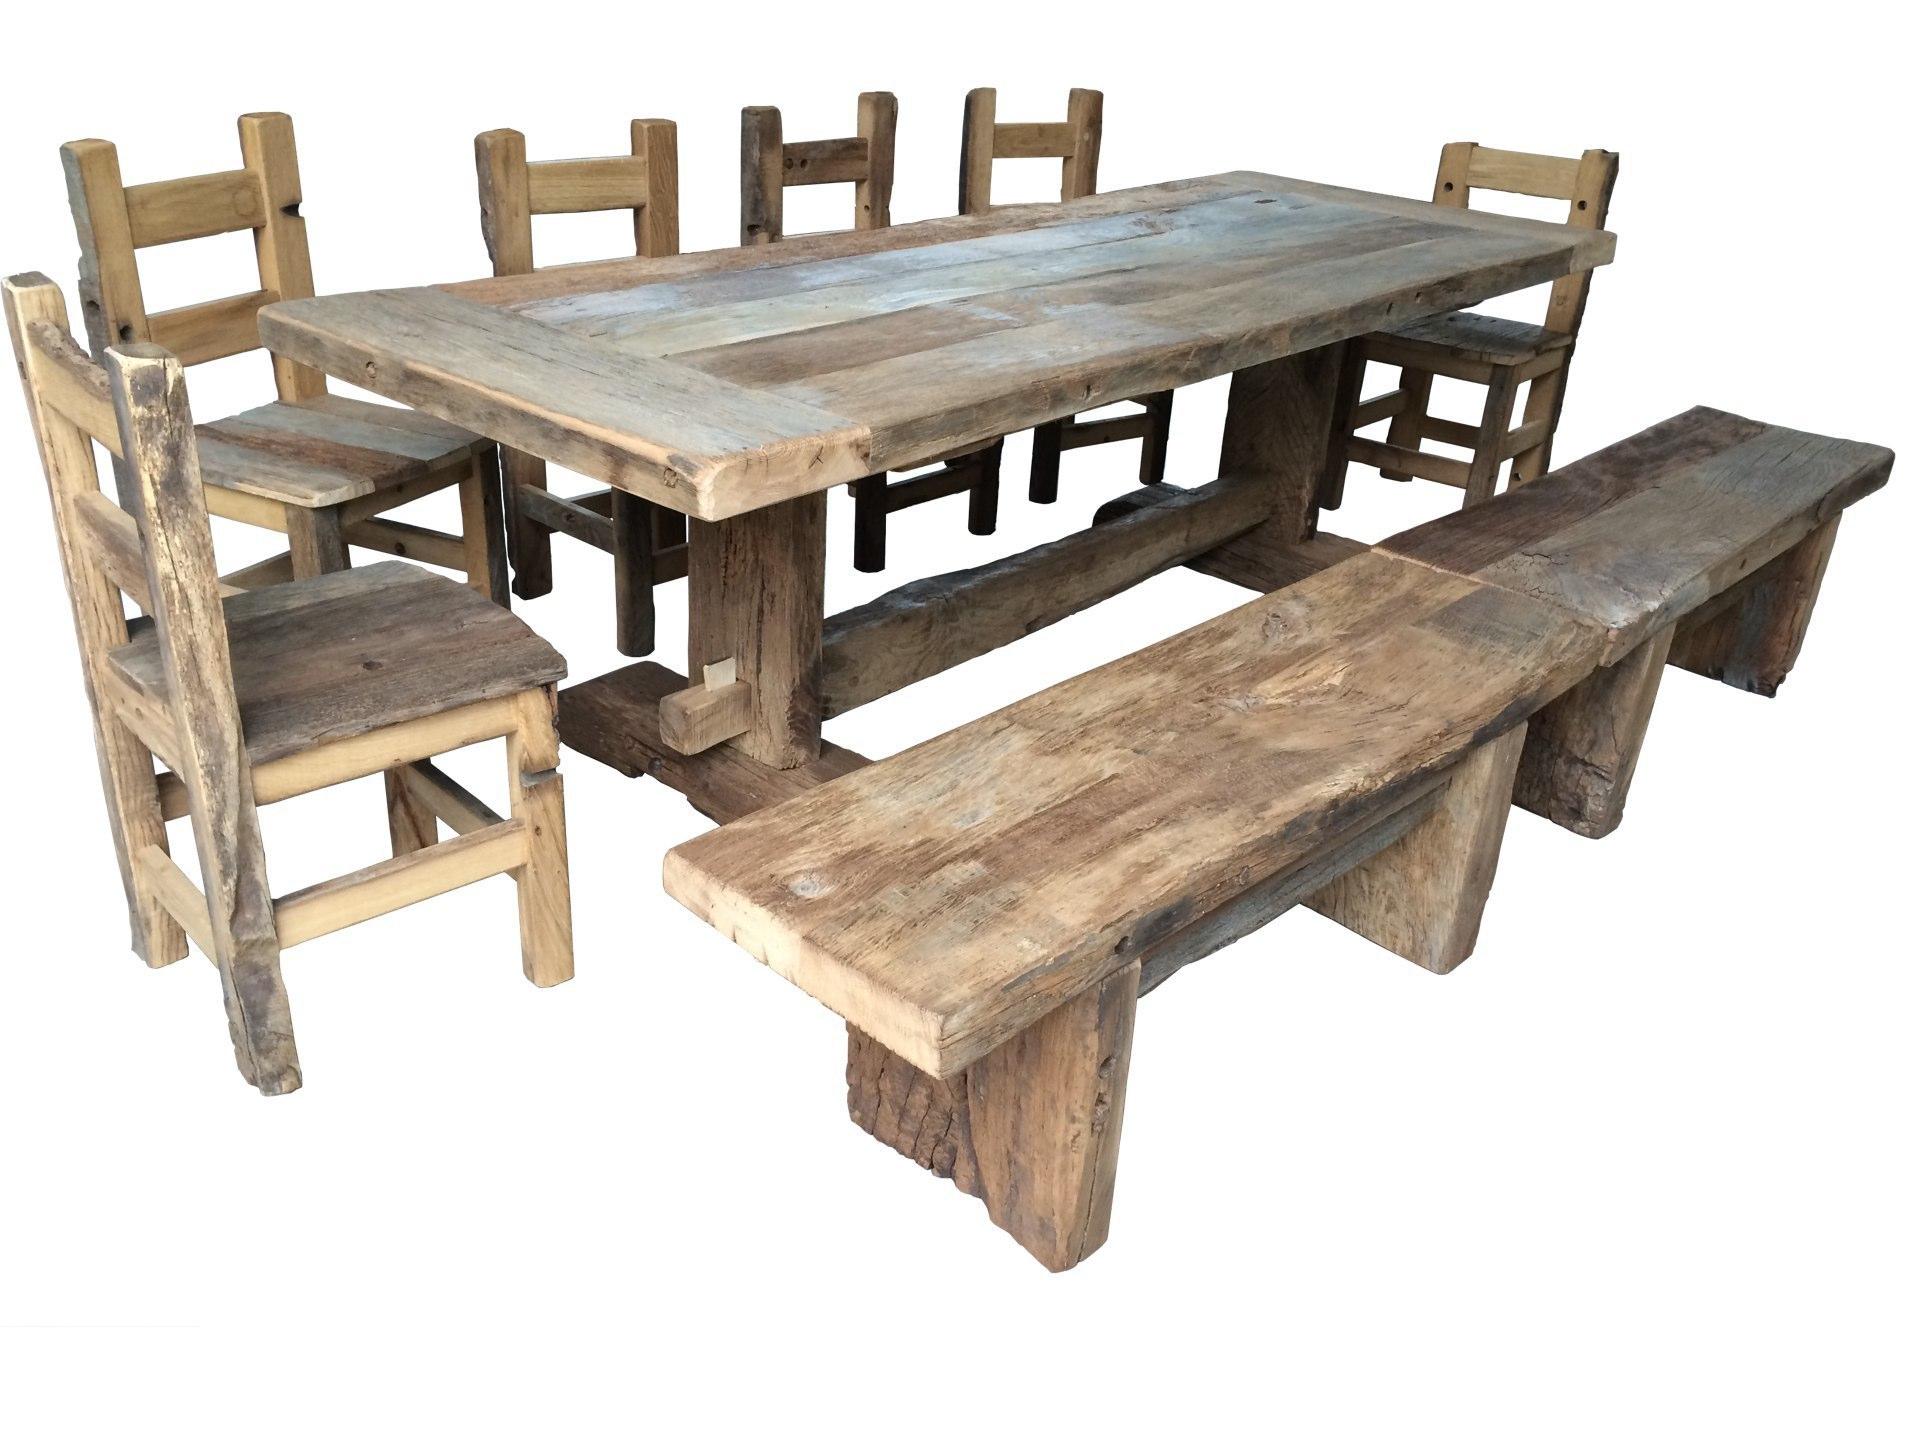 Tavoli sedie arredamenti porte finestre in legno antico ...